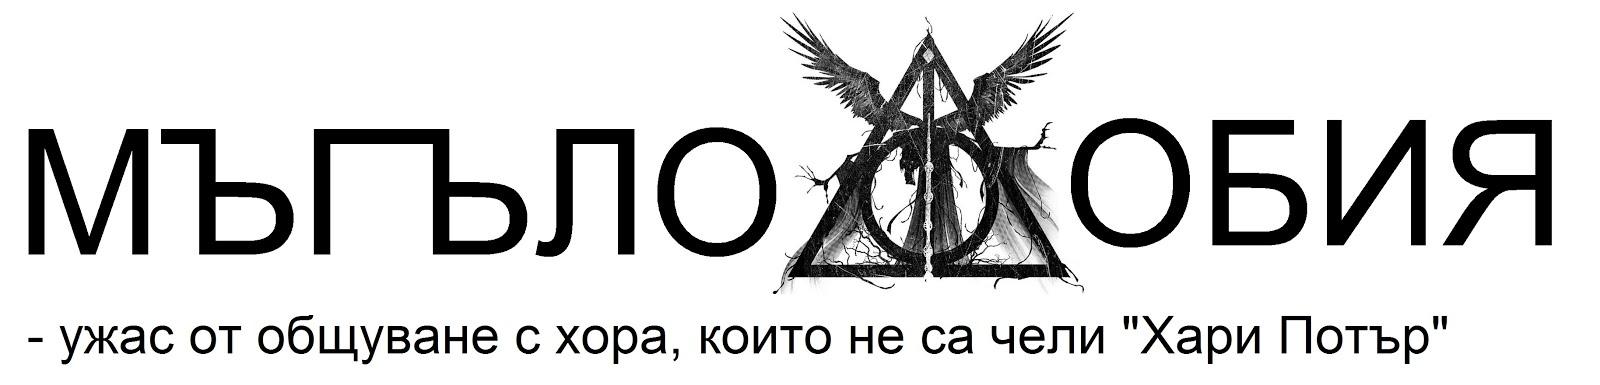 Мъгълофобия: Хари Потър - новини, коментари, теории